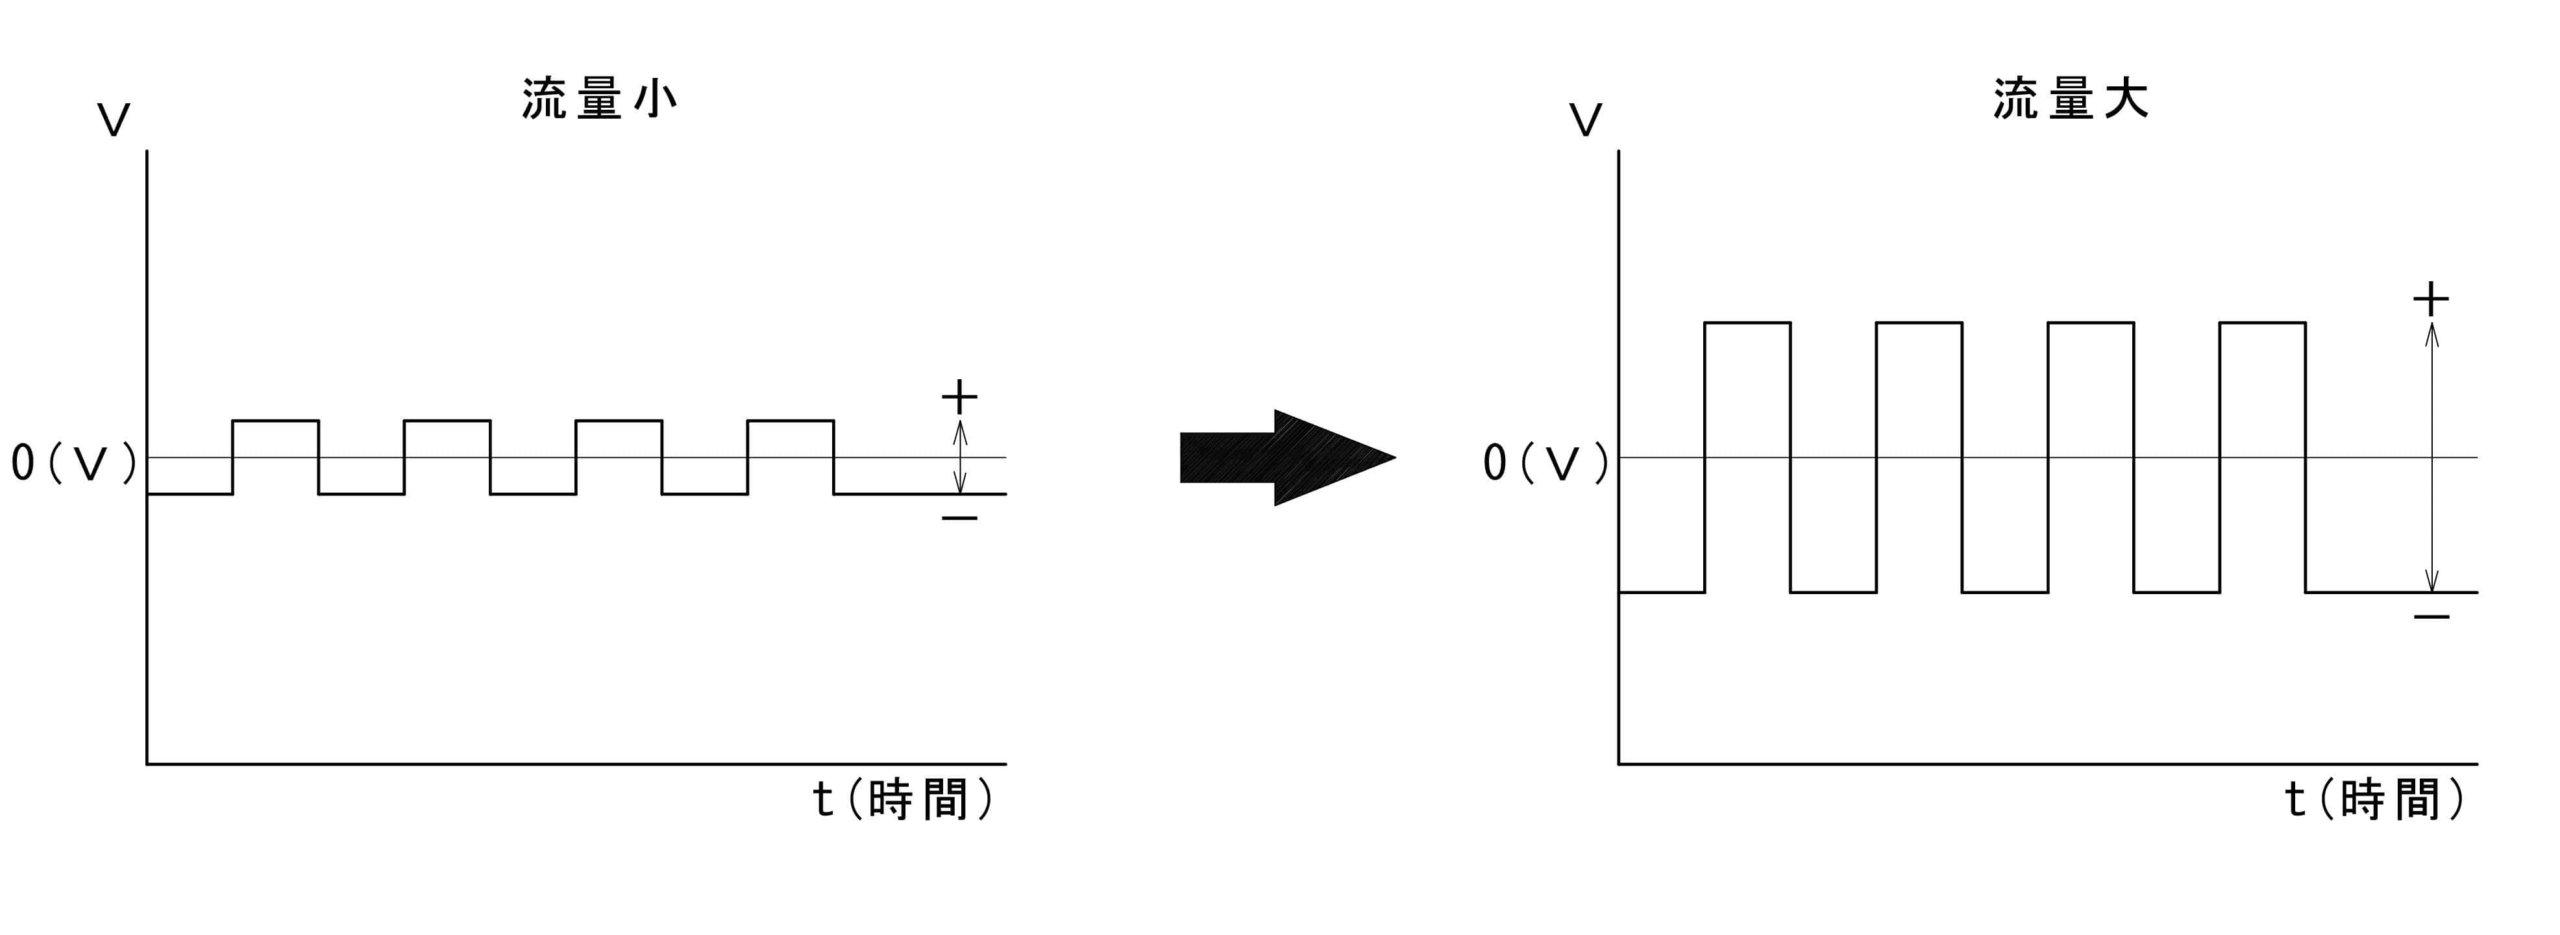 流量と起電力の関係